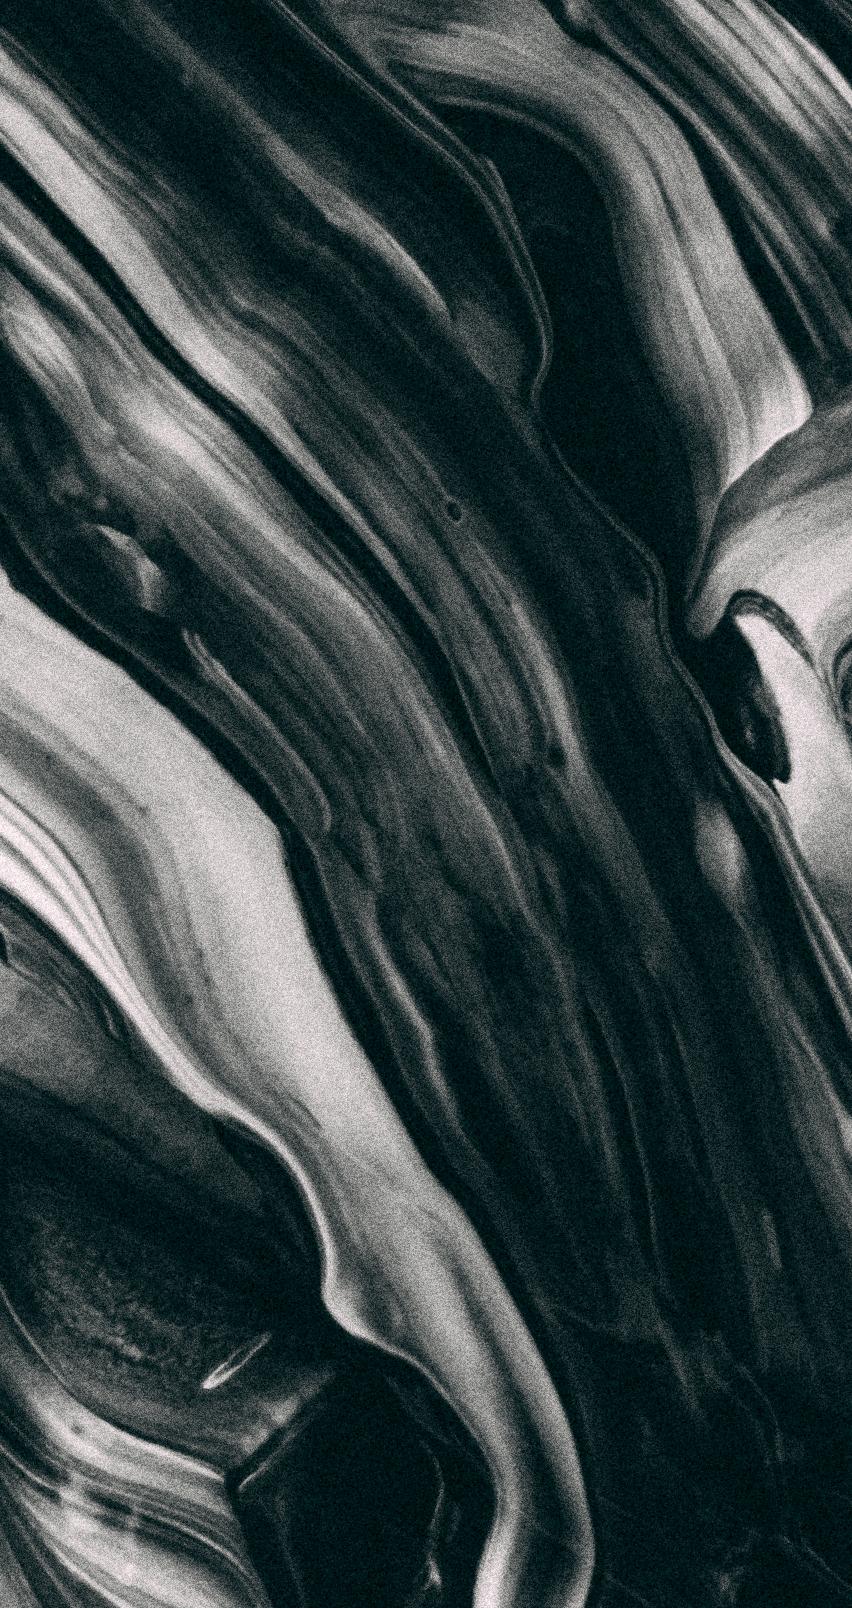 Vasjen Katro Liquid Iphone Wallpaper 07